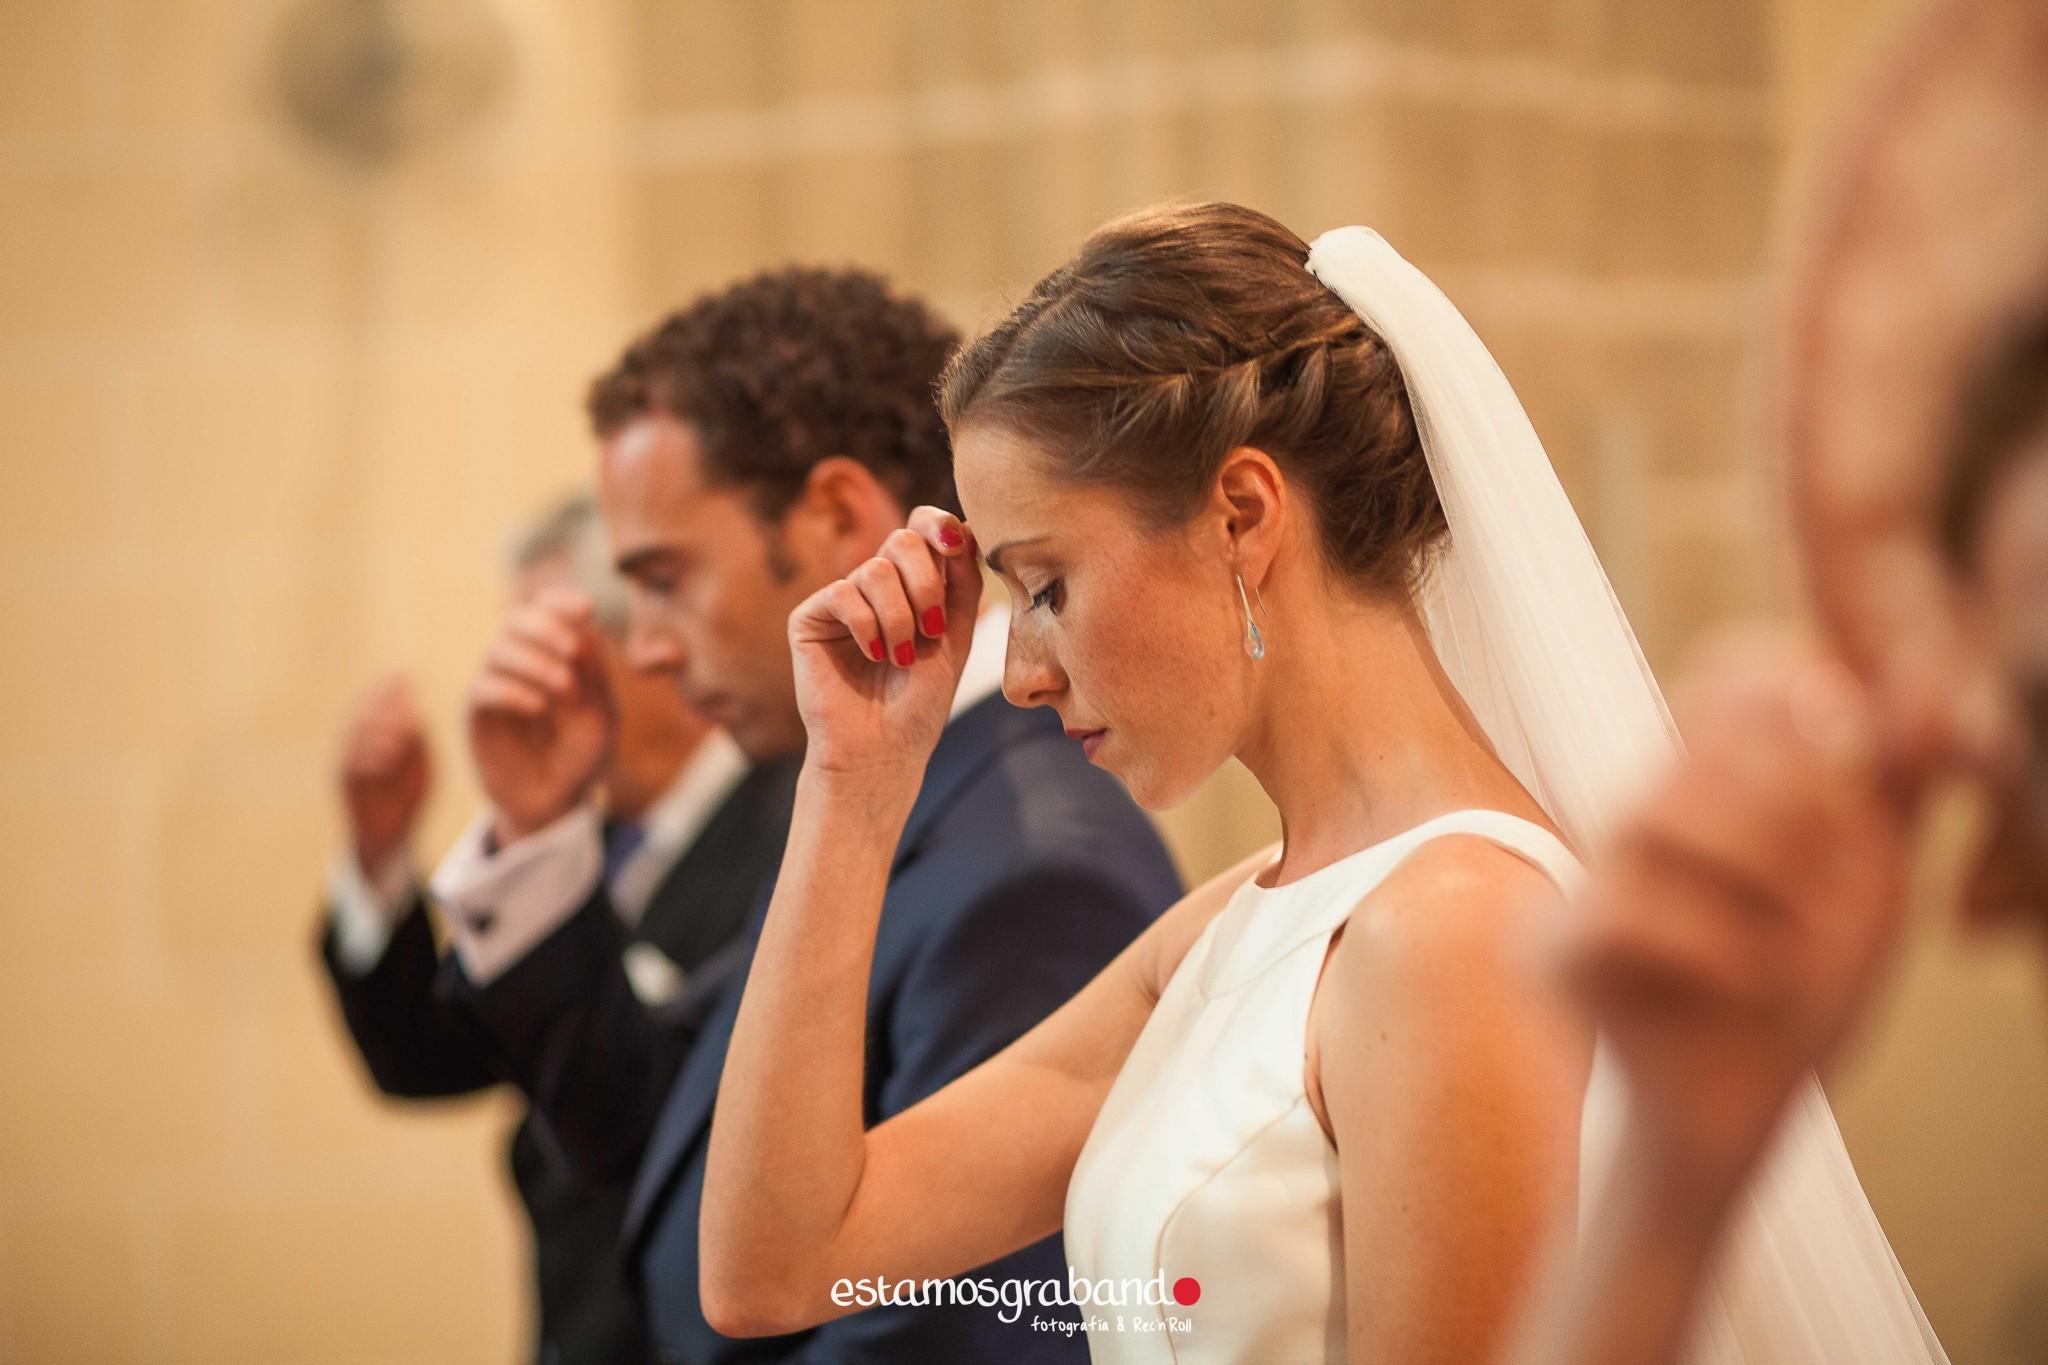 fotografo-de-bodas-jerez_mari-paz-jaime_bodegas-tradiciocc81n-30 32 escalones [Fotografía de bodas Jerez_Mari Paz & Jaime] - video boda cadiz